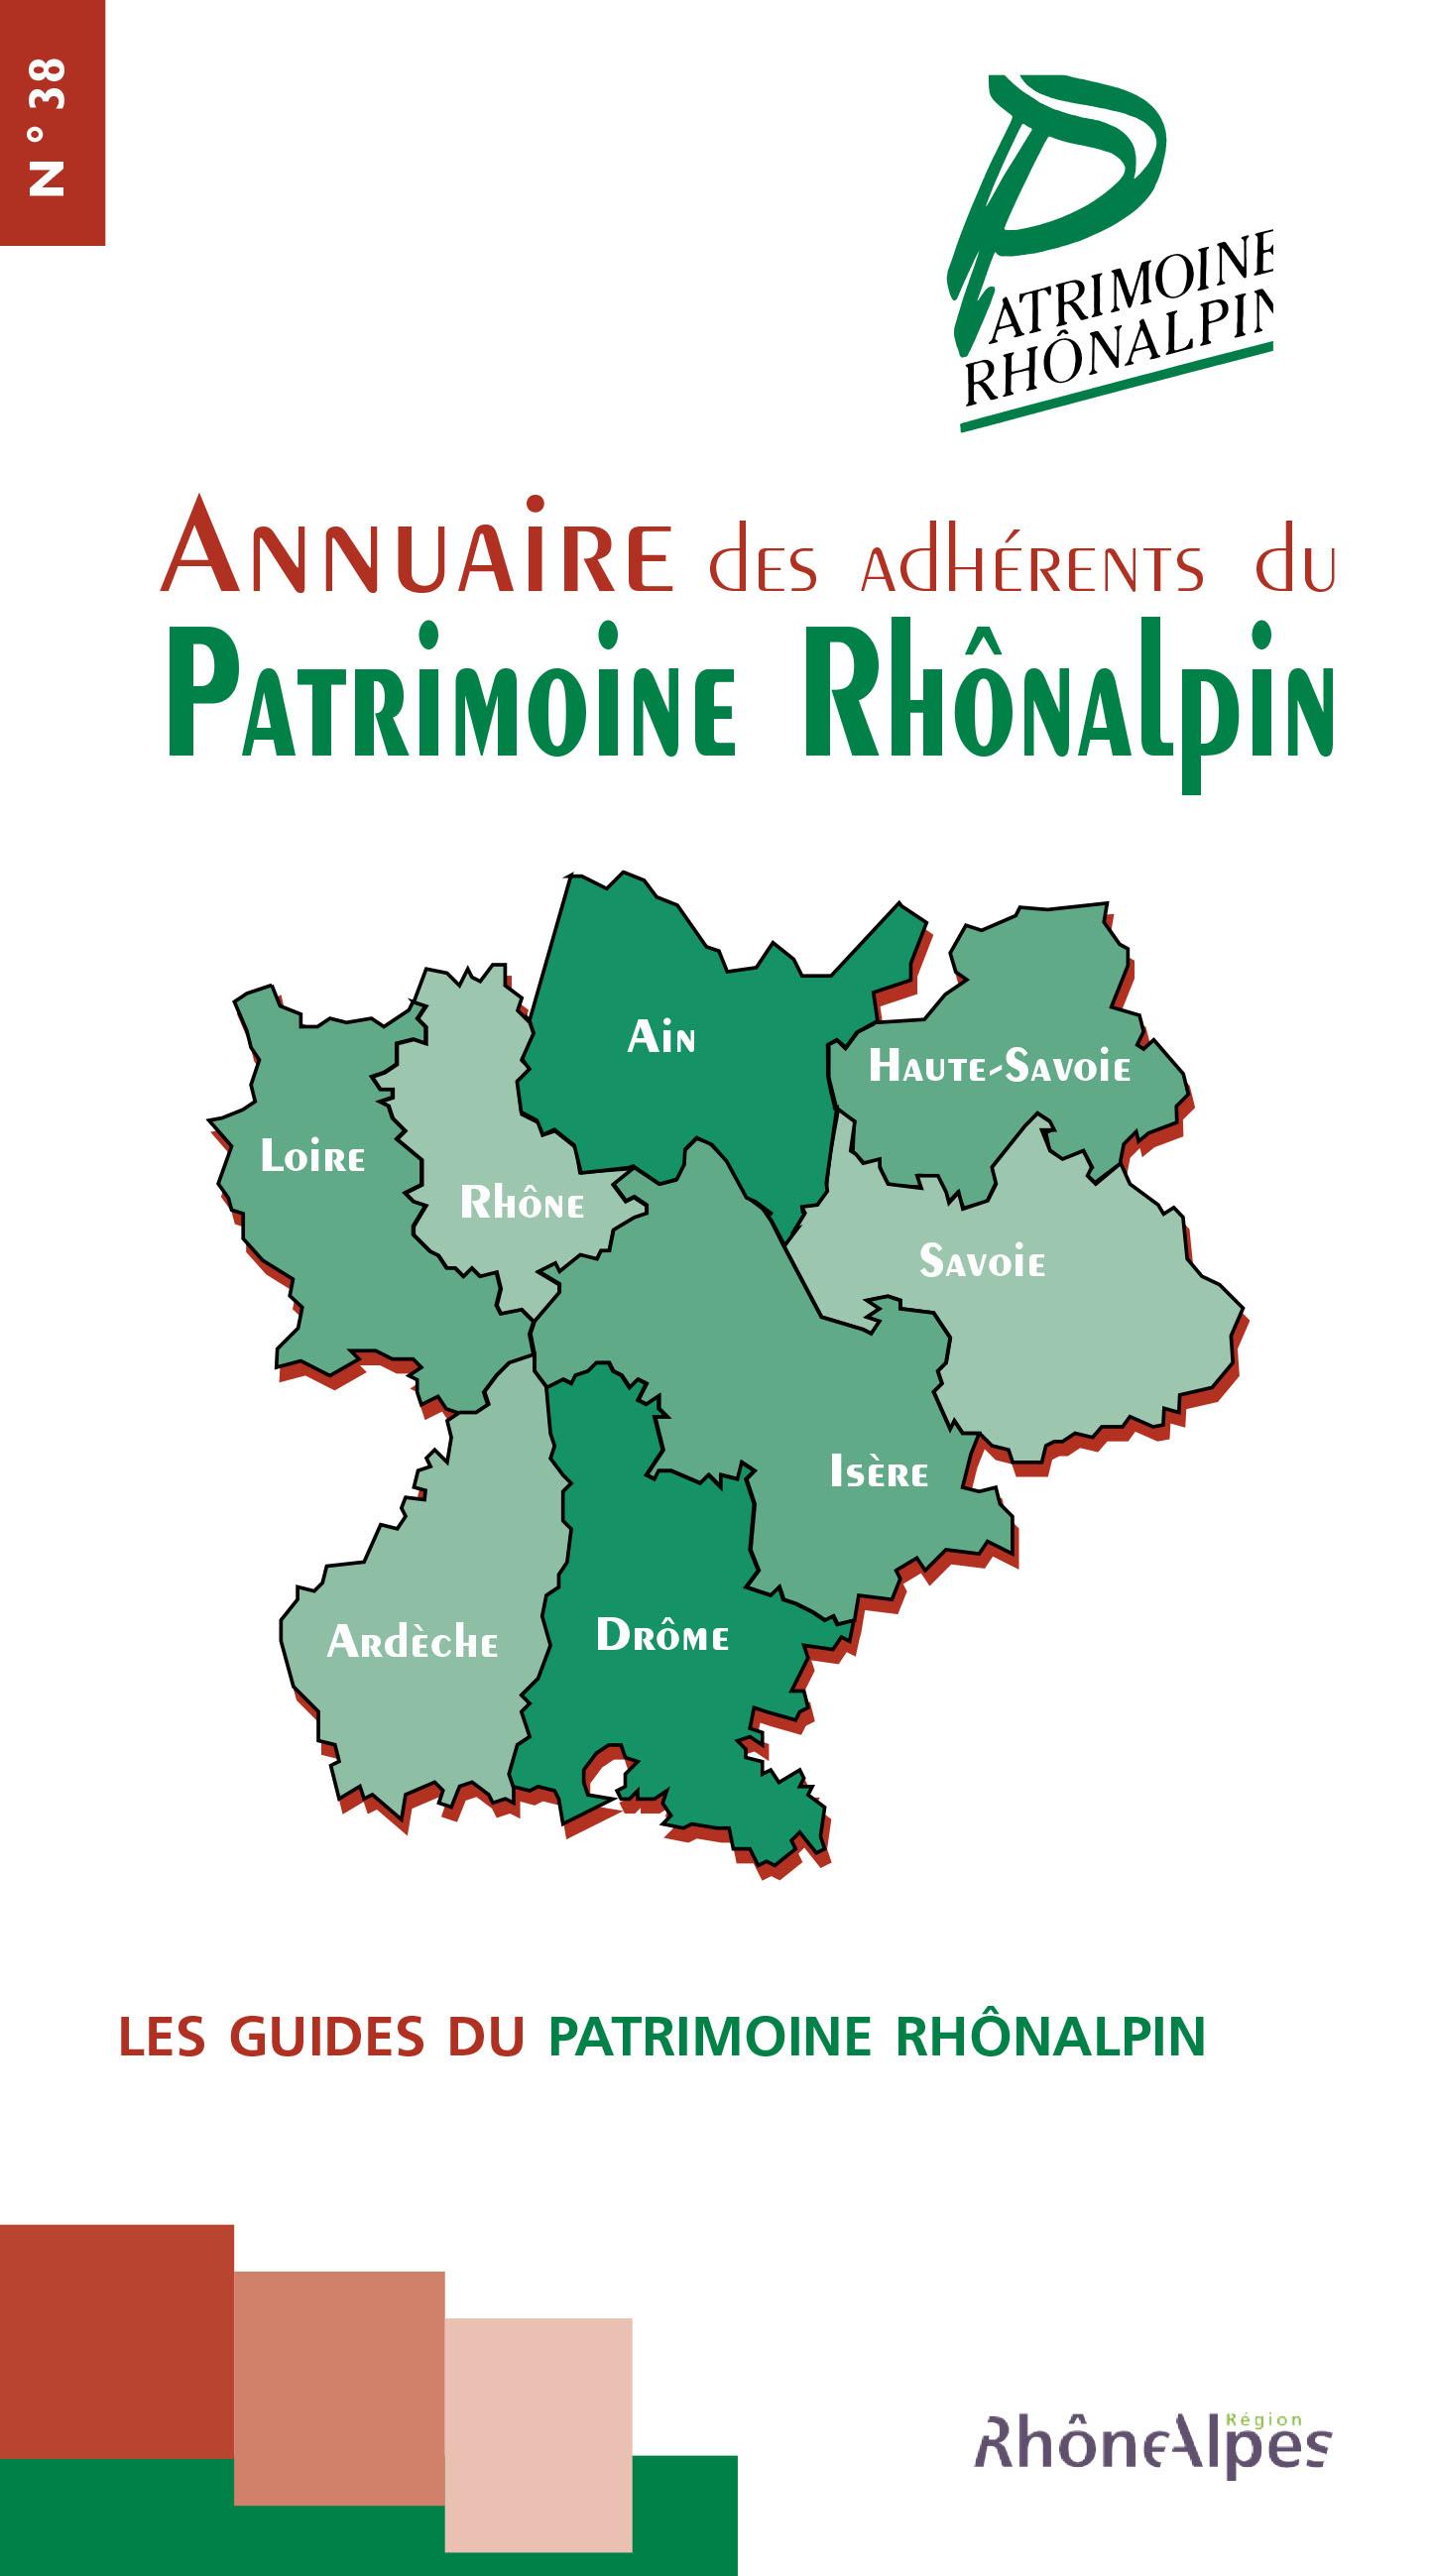 Guide n°38 – Annuaire des adhérents du patrimoine rhônalpin